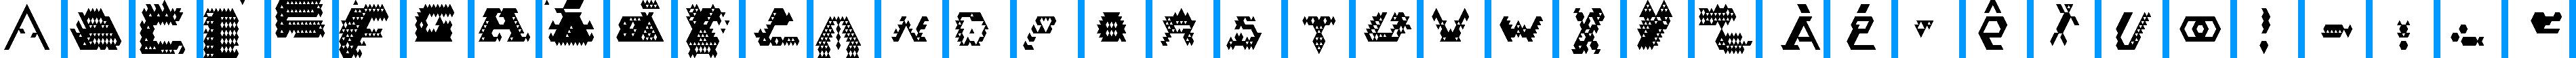 Particip-a-type v.176